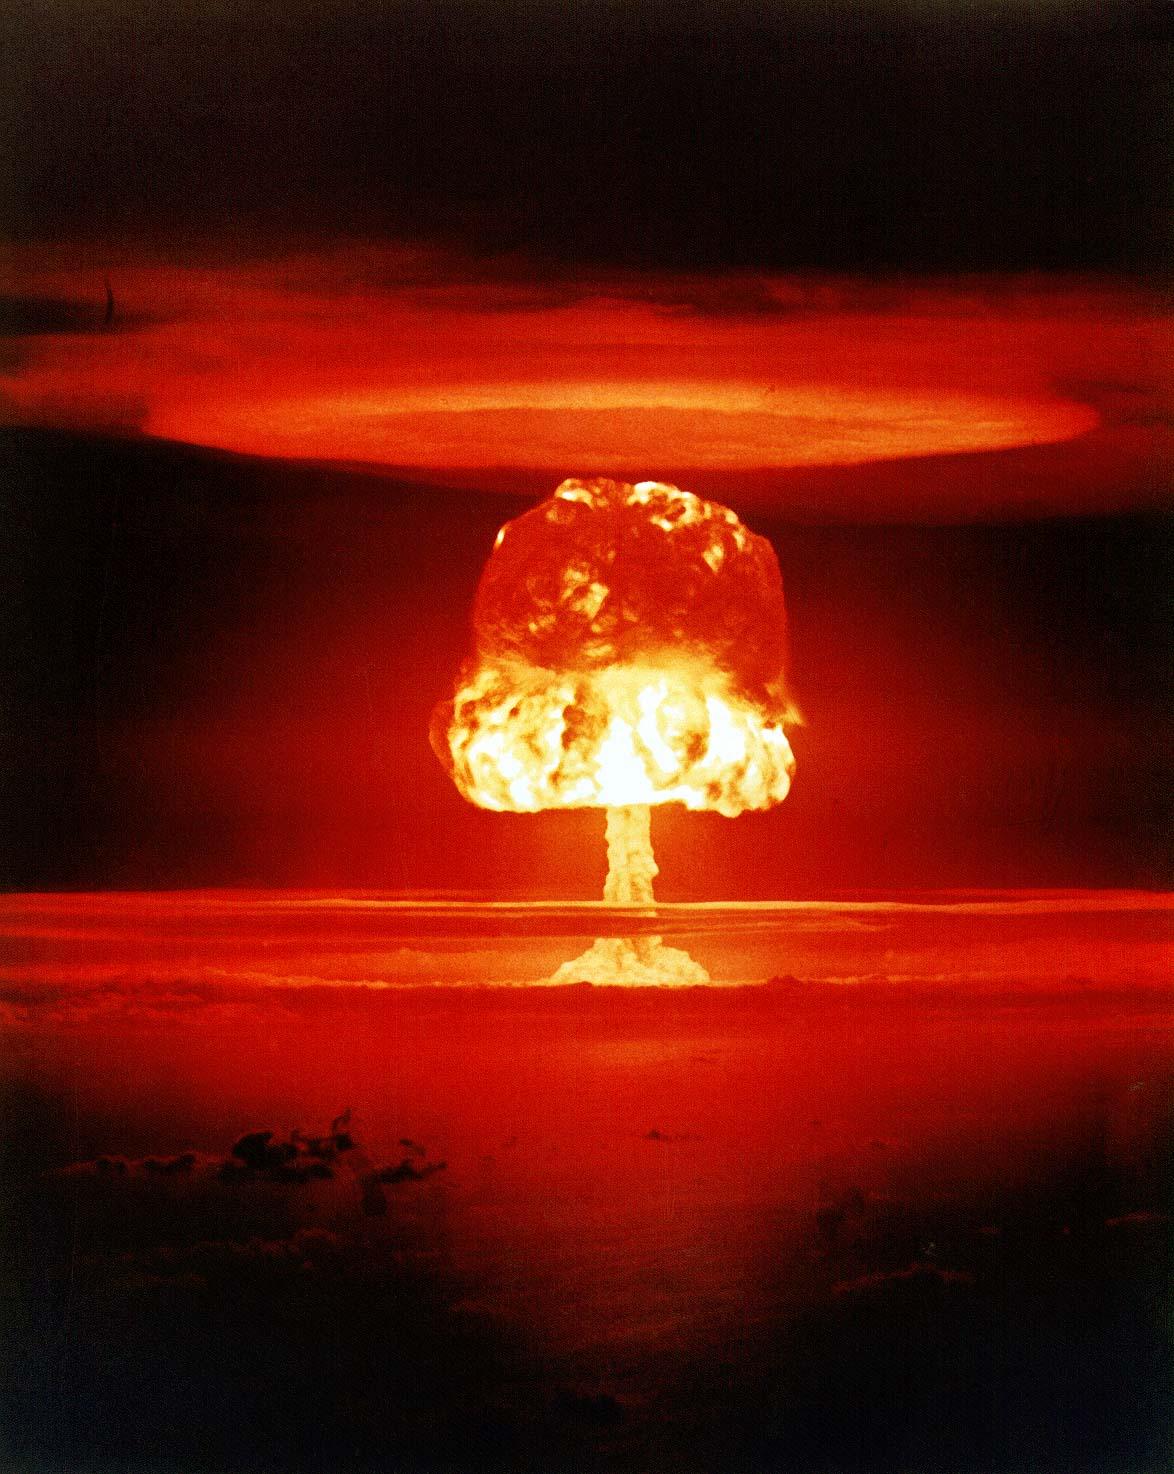 Atombombentest Romeo (Sprengkraft 11 Mt)